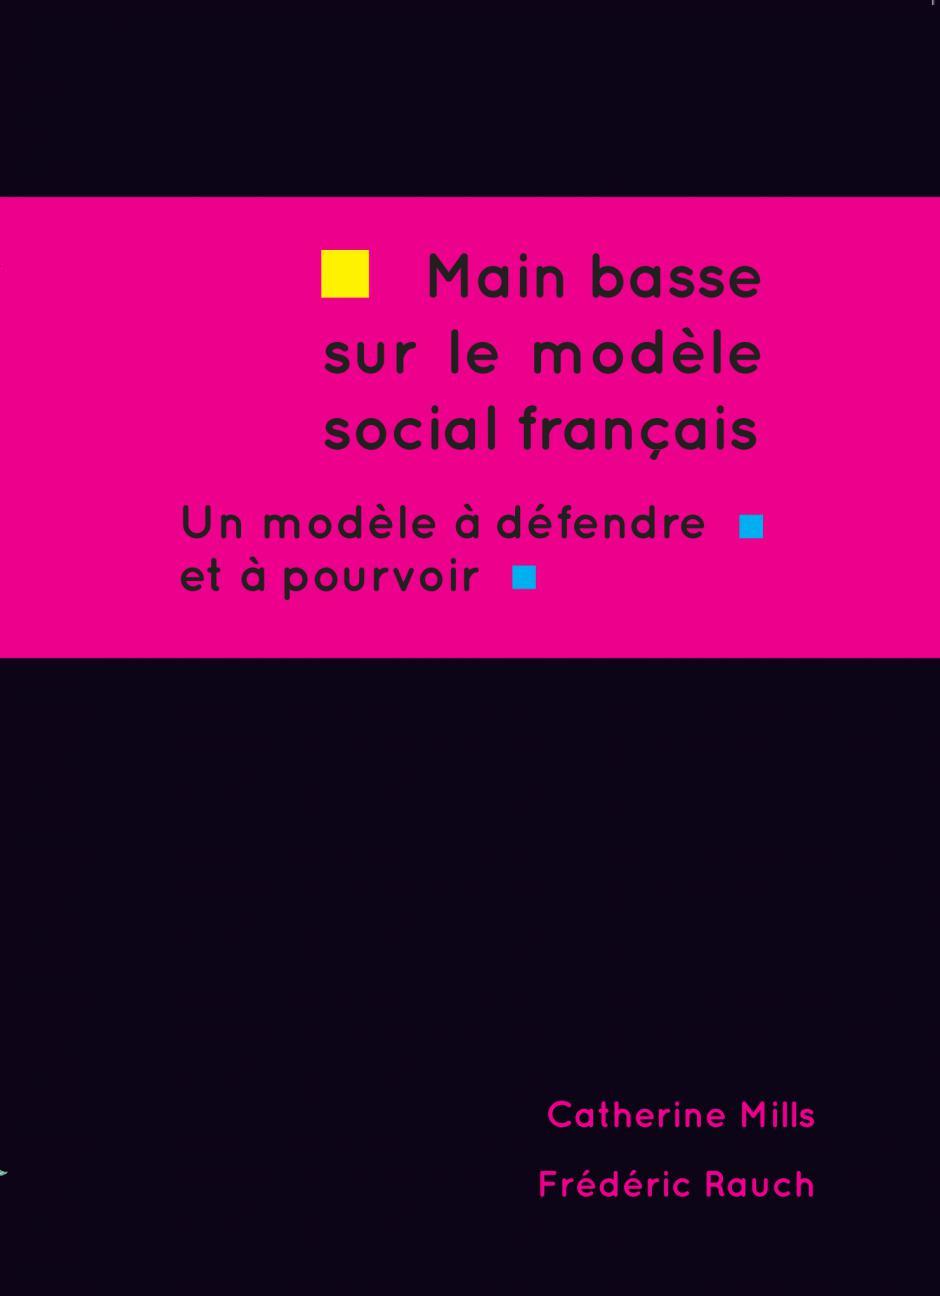 Main basse sur le modèle social français (un ouvrage de C. Mills et F. Rauch)